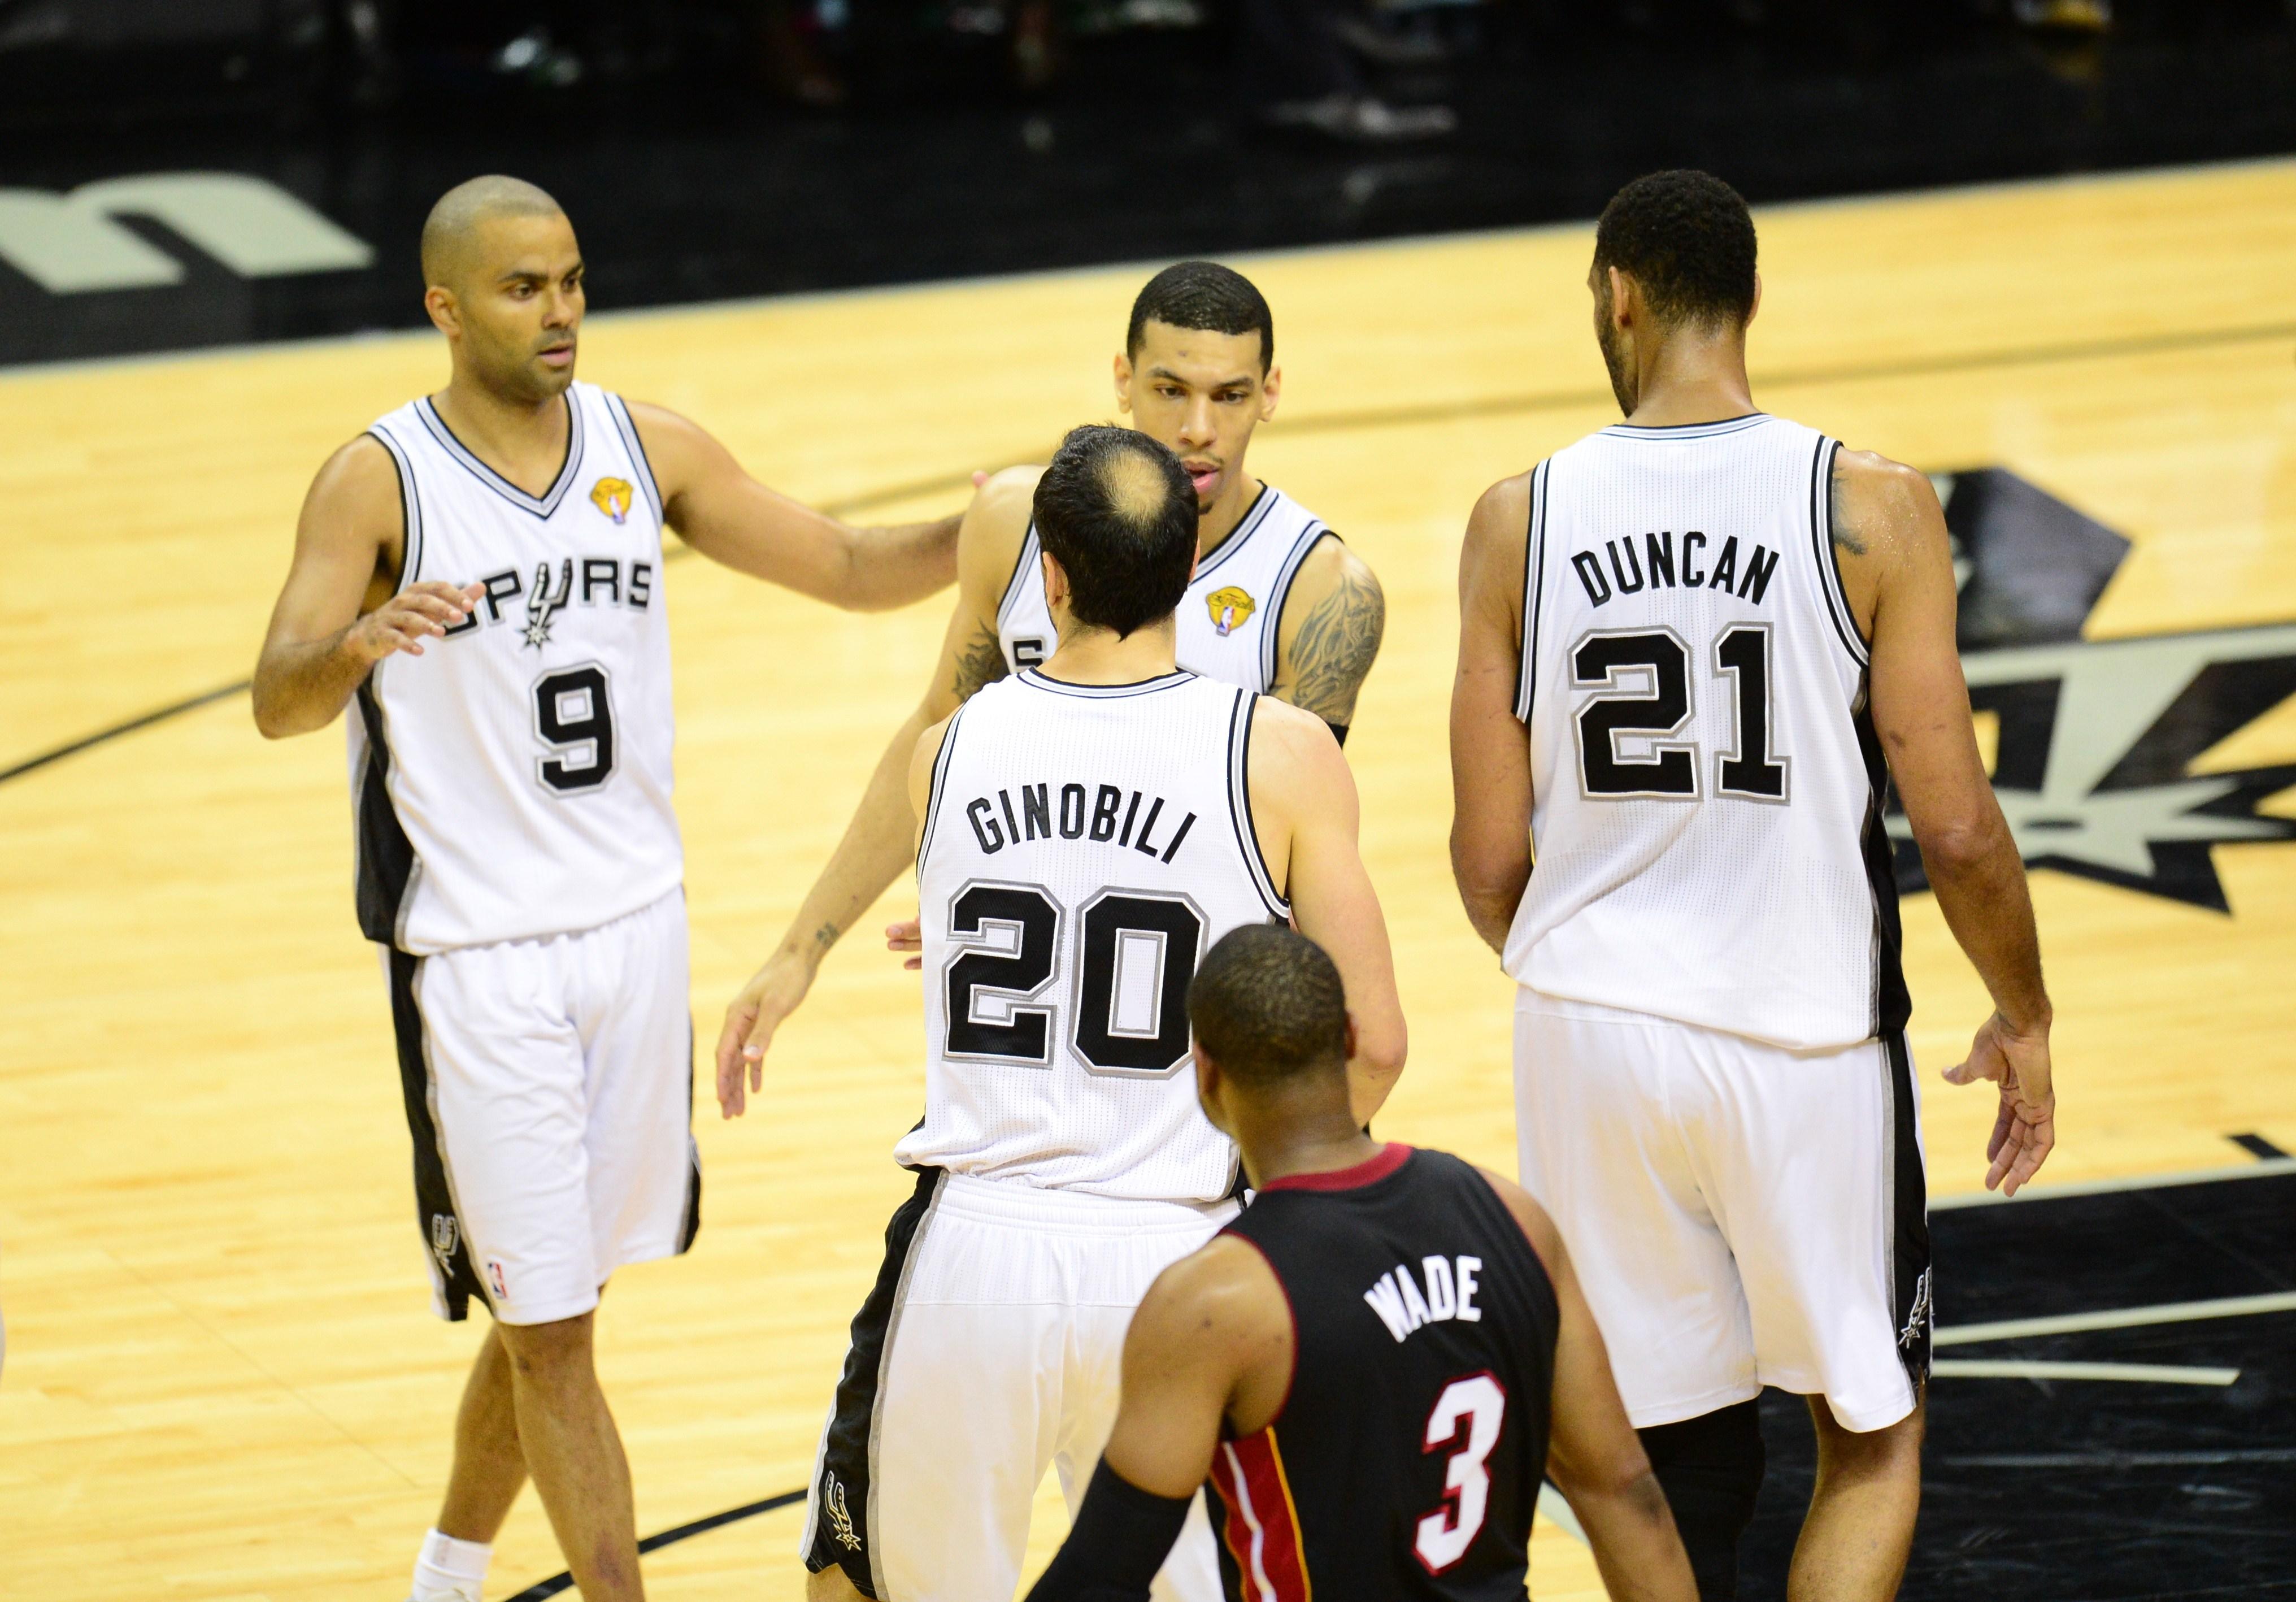 BASKET-BKN-BKO-NBA FINALS-GAME 5-SPURS HEAT